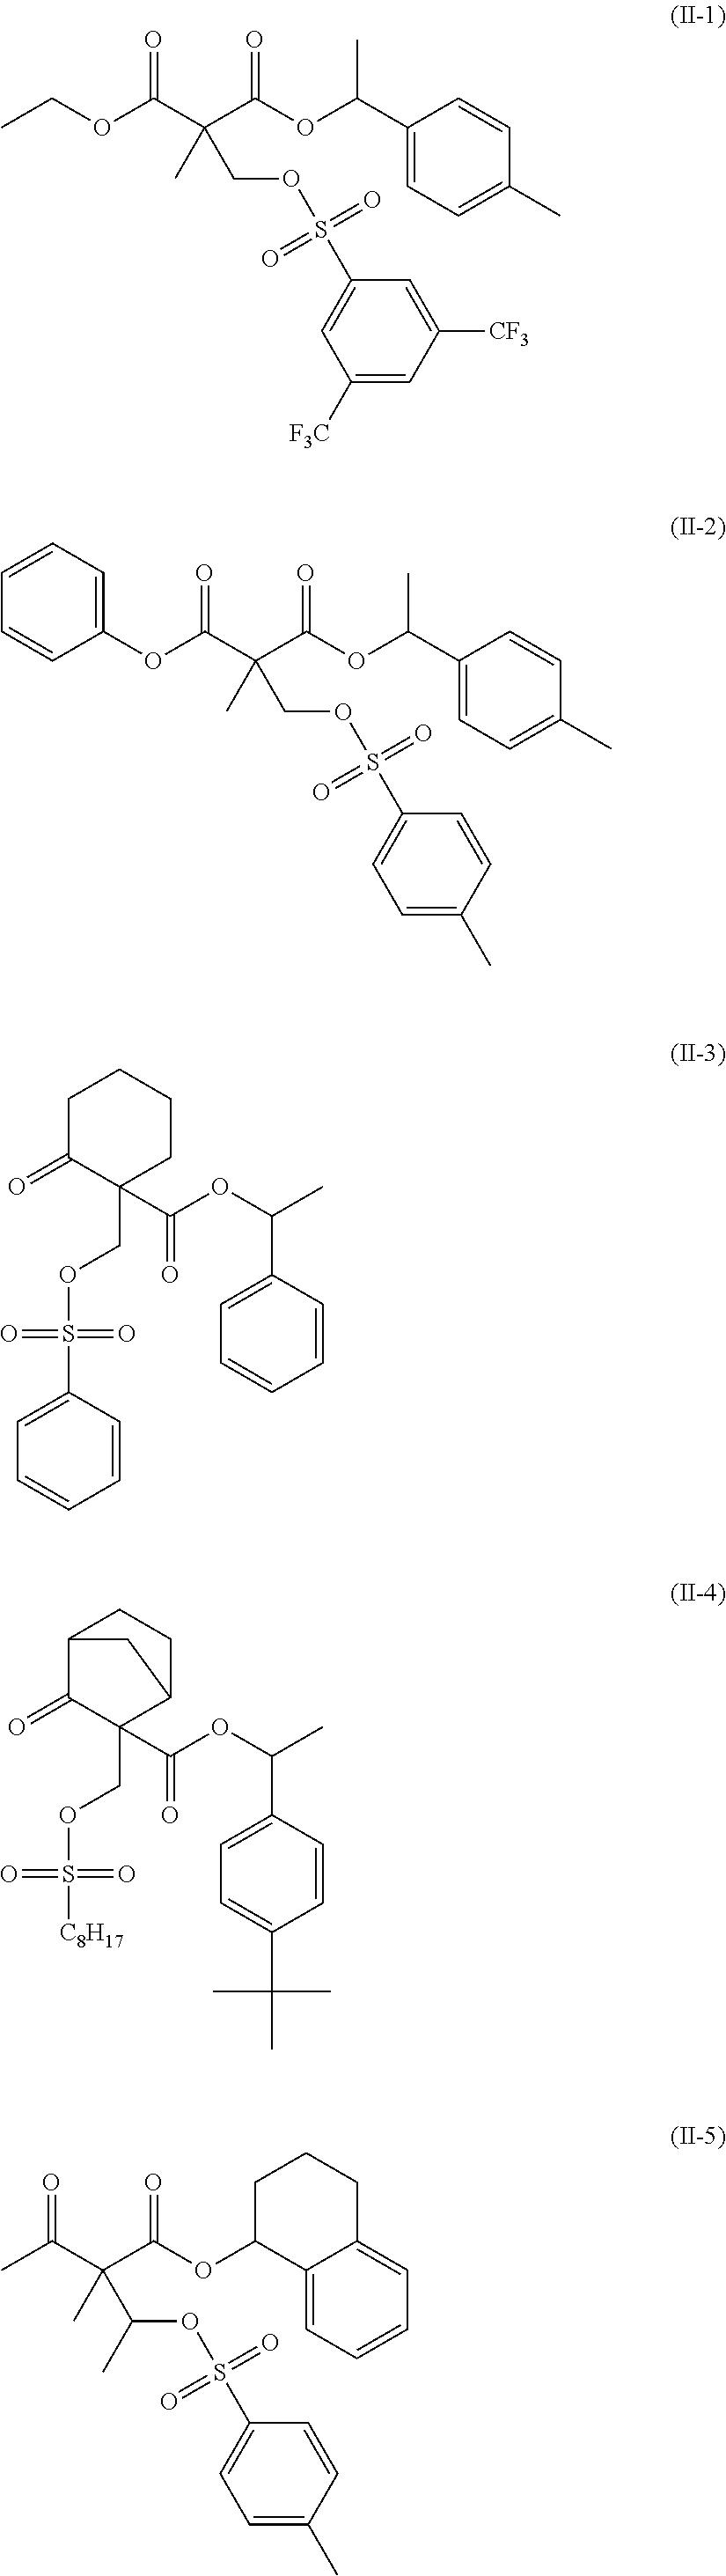 Figure US20110183258A1-20110728-C00093